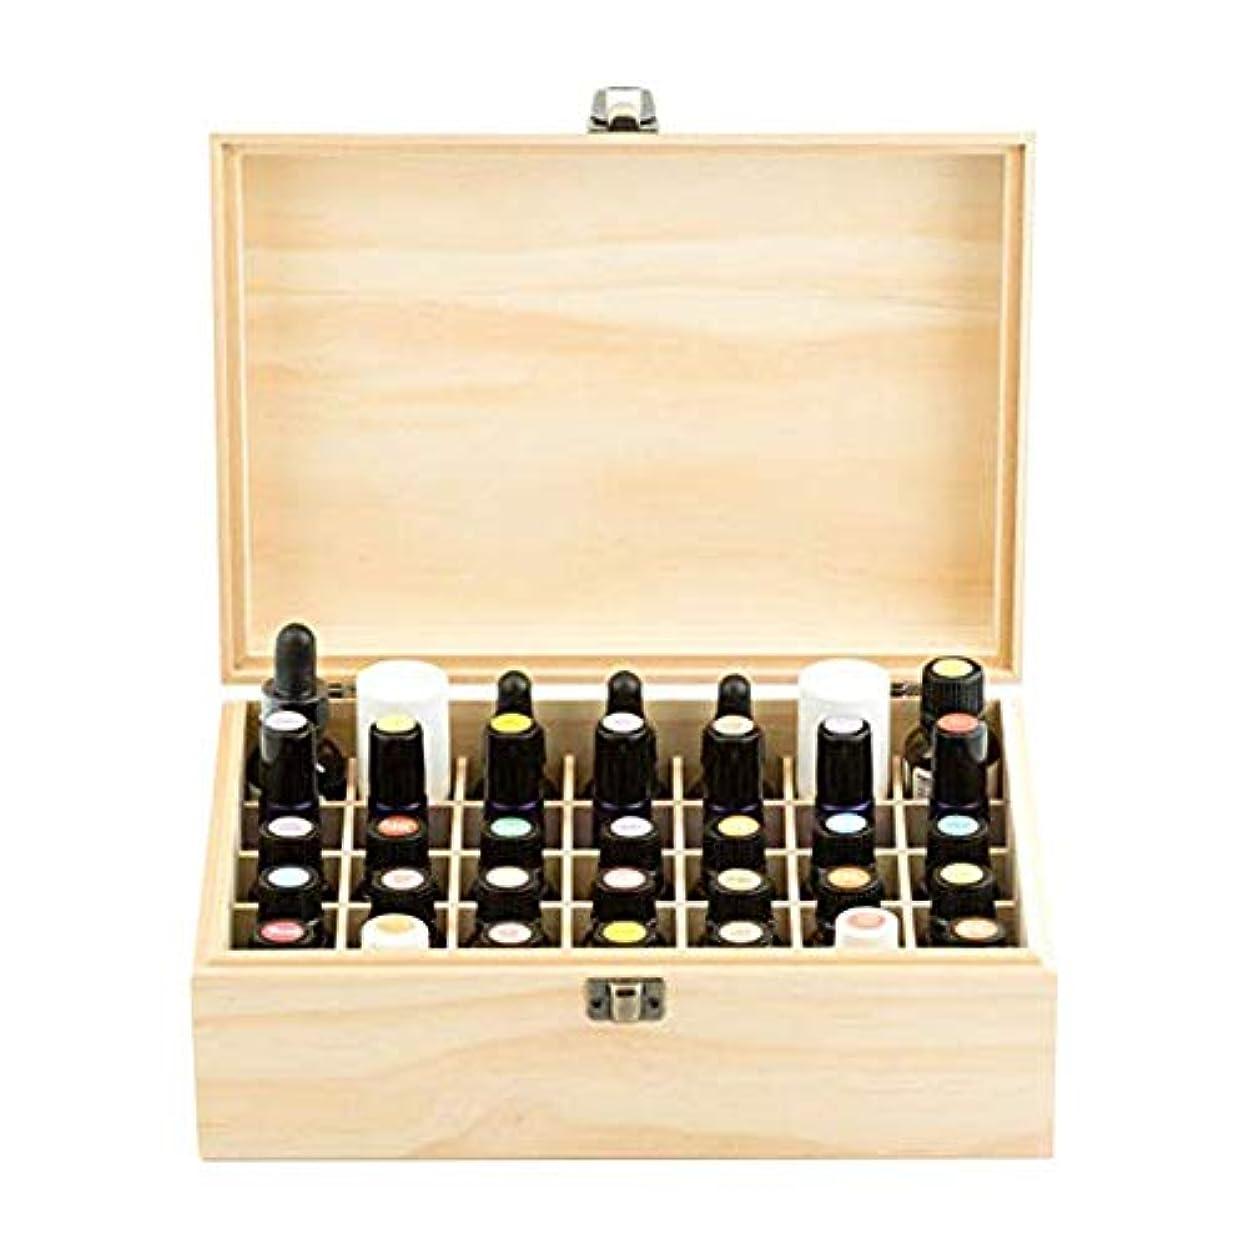 遵守するゴシップフリル精油収納ケース エッセンシャルオイル収納ボックス 木製 コンパートメント木箱 35本入り 5ml?10ml?15mlのボルトに適用 junexi